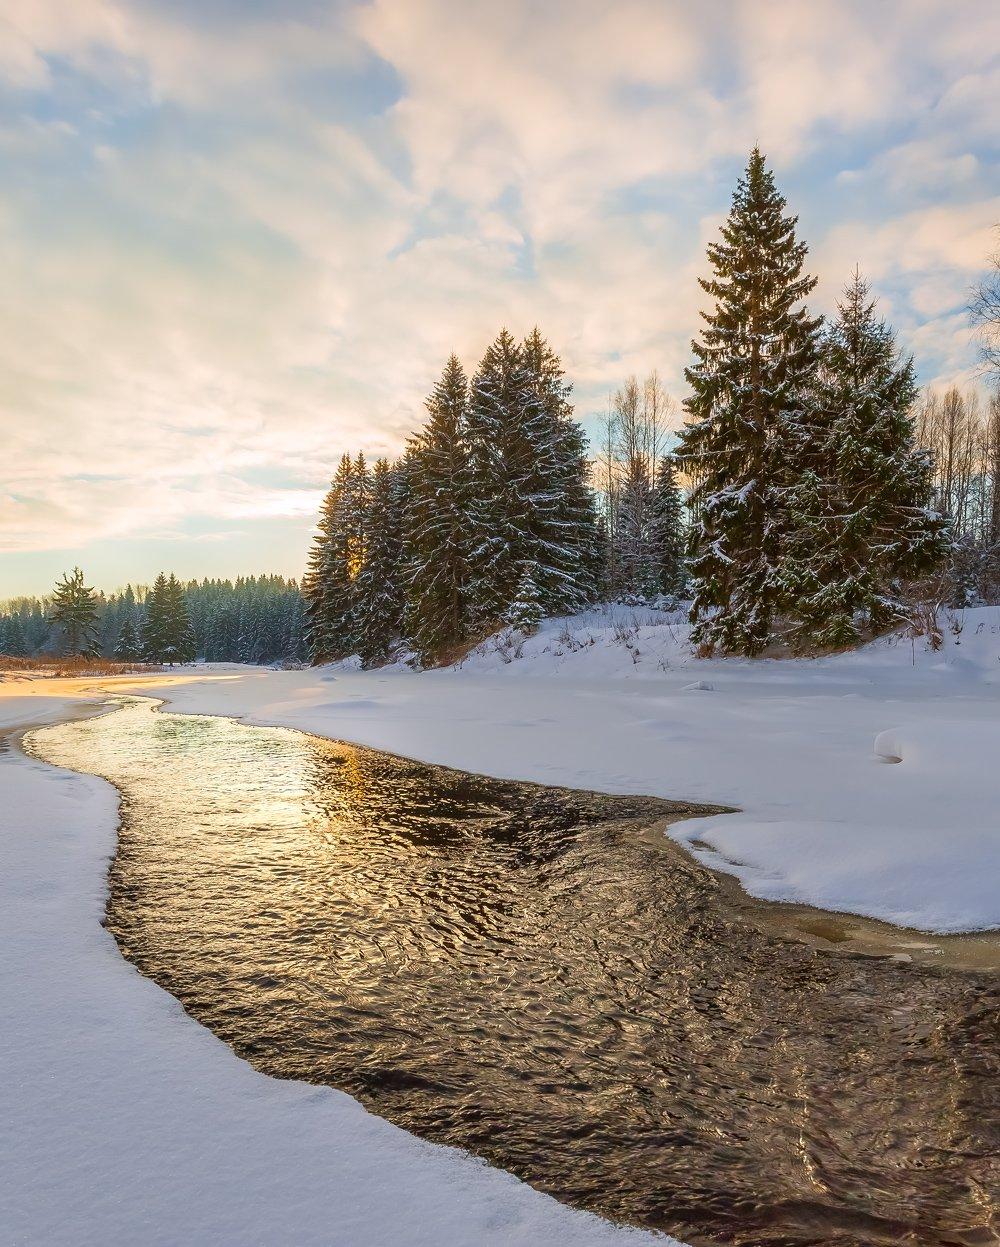 ленинградская область, деревья, зима, рассвет, река, облака, берег, вода, ель, лес, деревья,, Лашков Фёдор